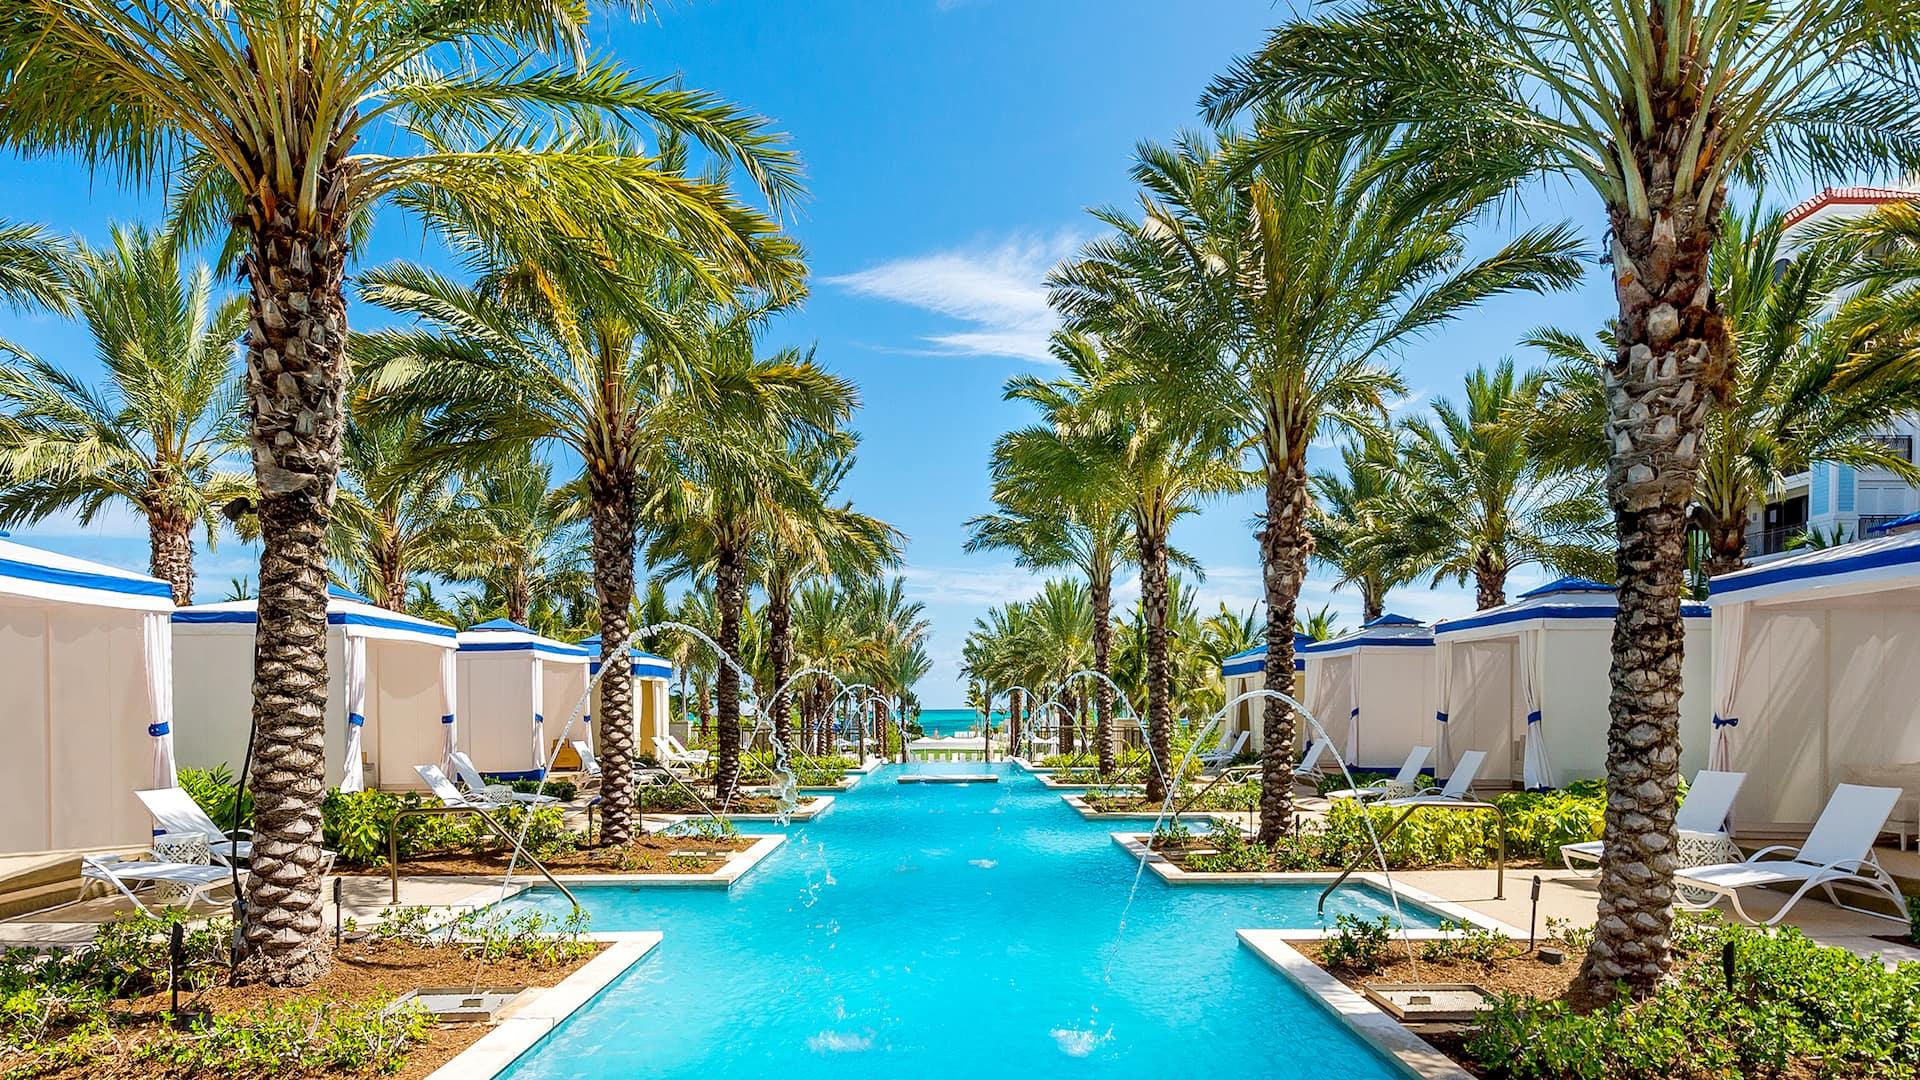 Grand-Hyatt-Baha-Mar-P183-Reflections-Pool-Oceanviews